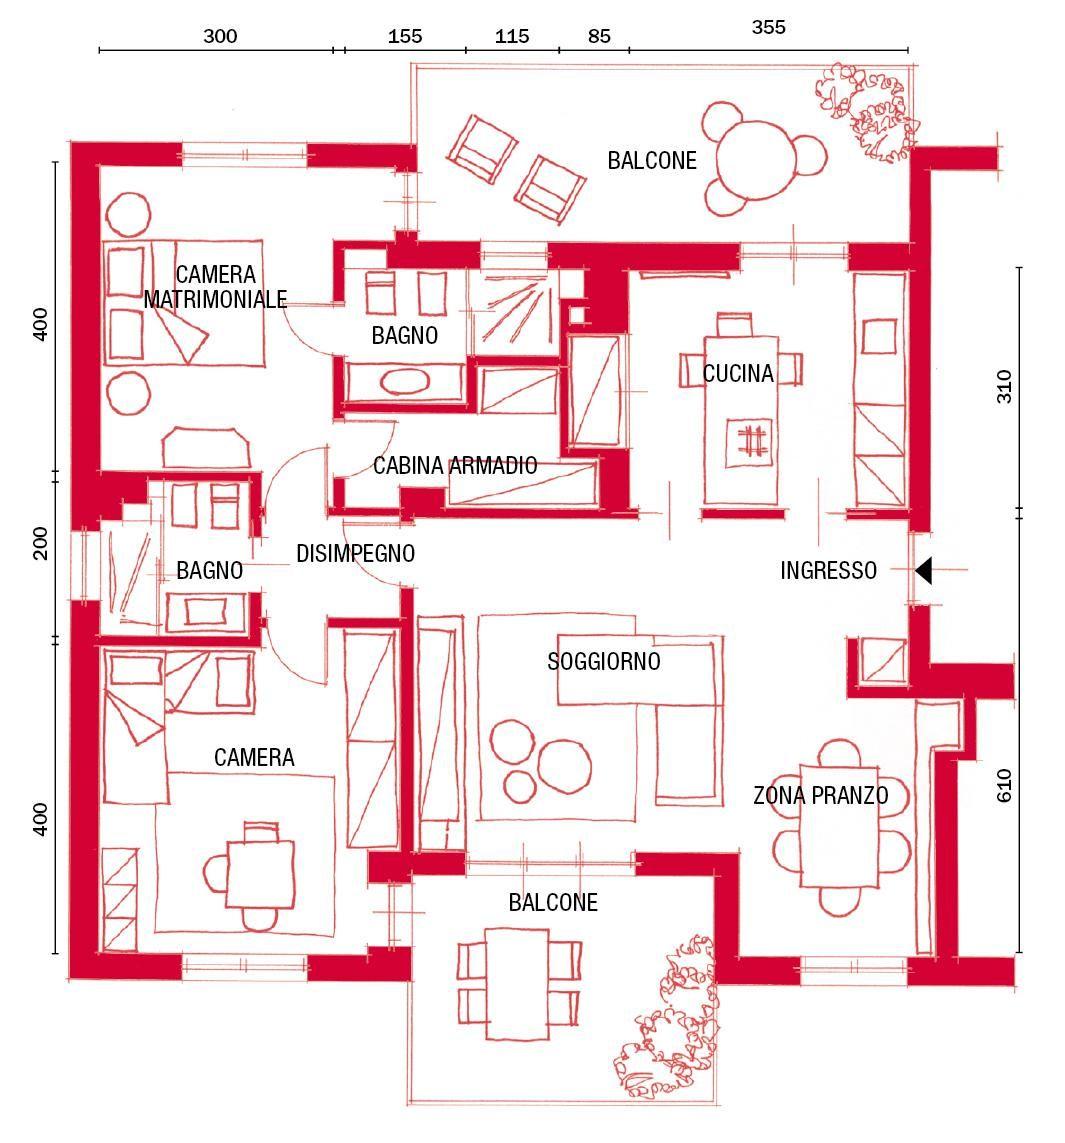 Progetto Appartamento 85 Mq in 96 mq ricavare il secondo bagno e la cabina armadio (con